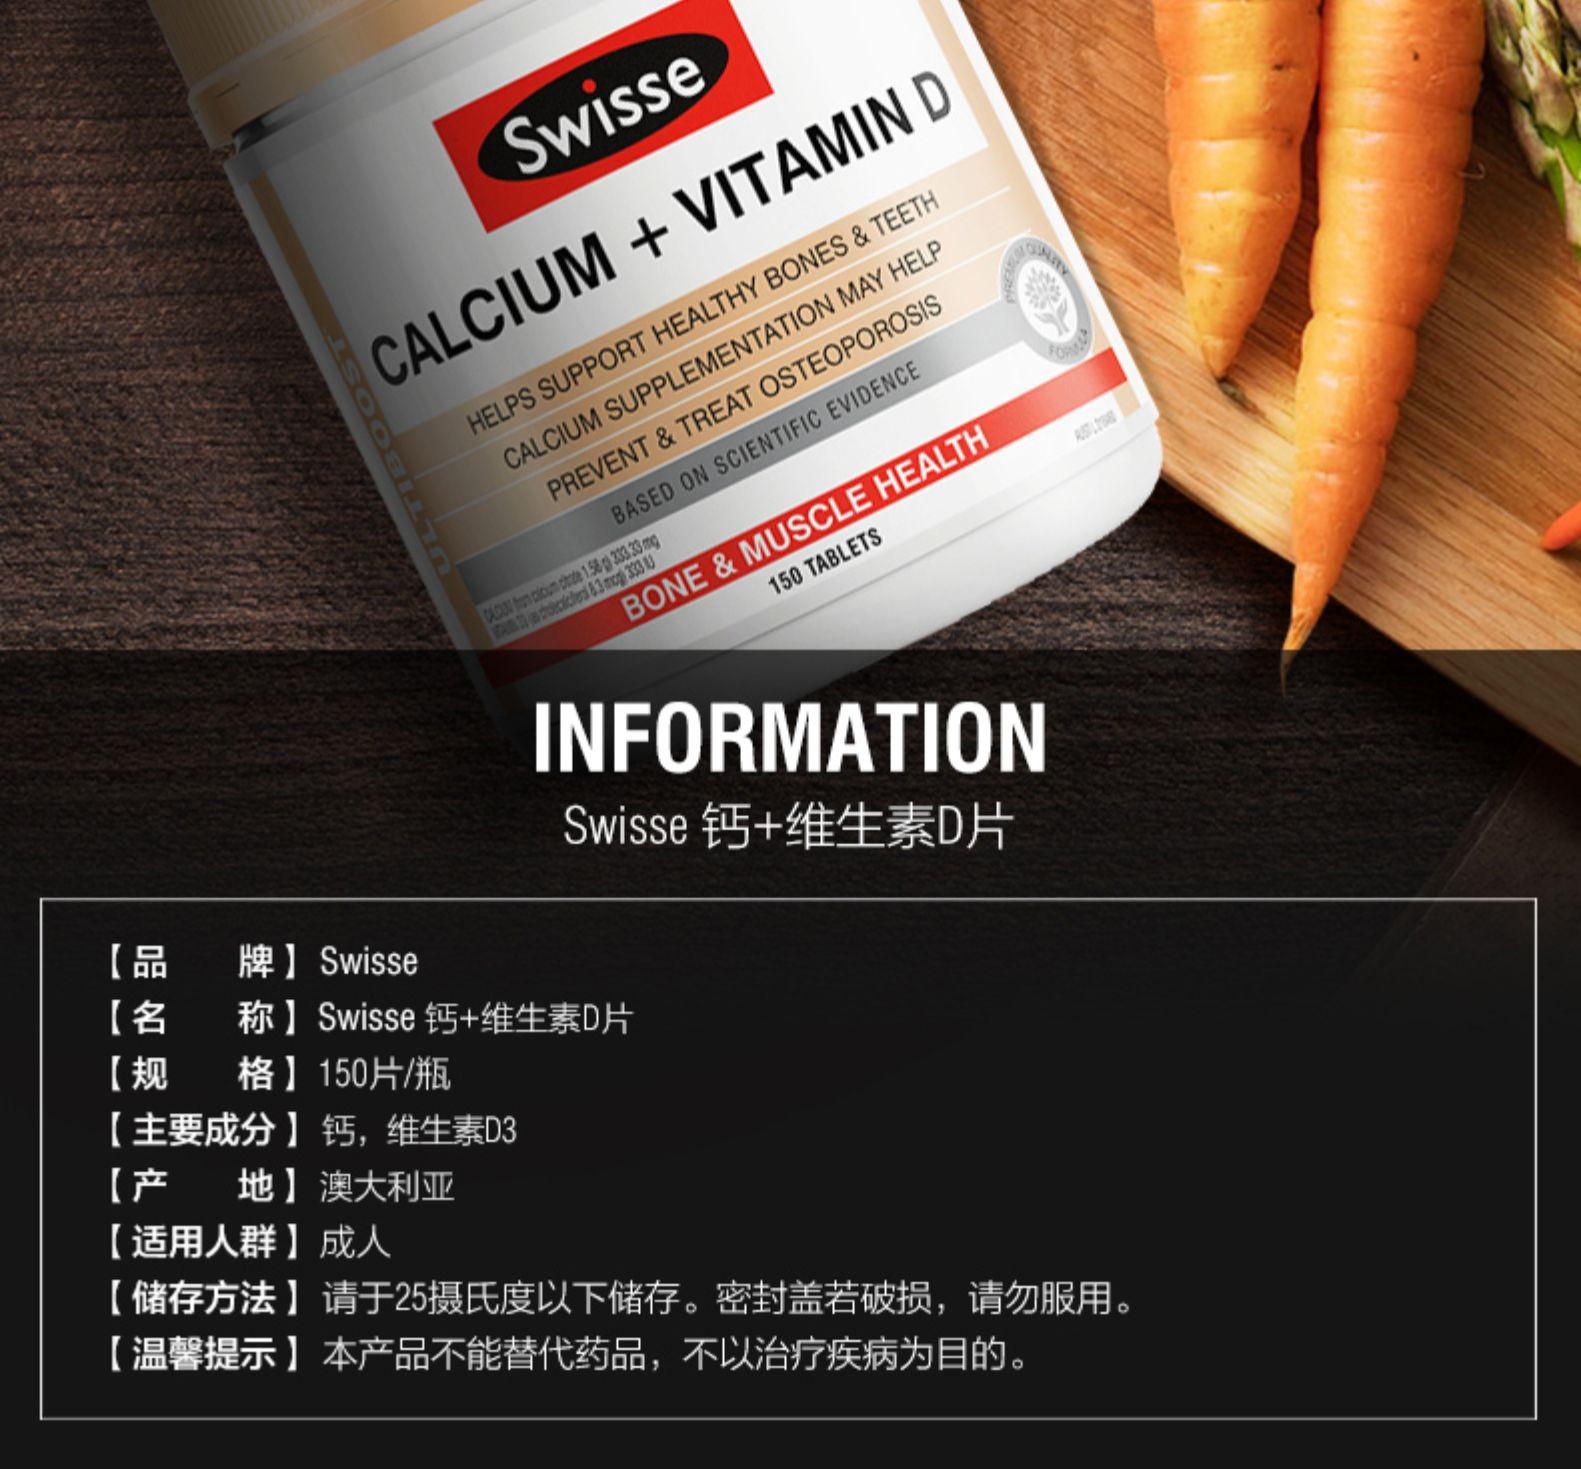 澳洲进口swisse钙片+维生素D柠檬酸150片 孕妇中老年人补钙¥143.00 我们的产品 第11张